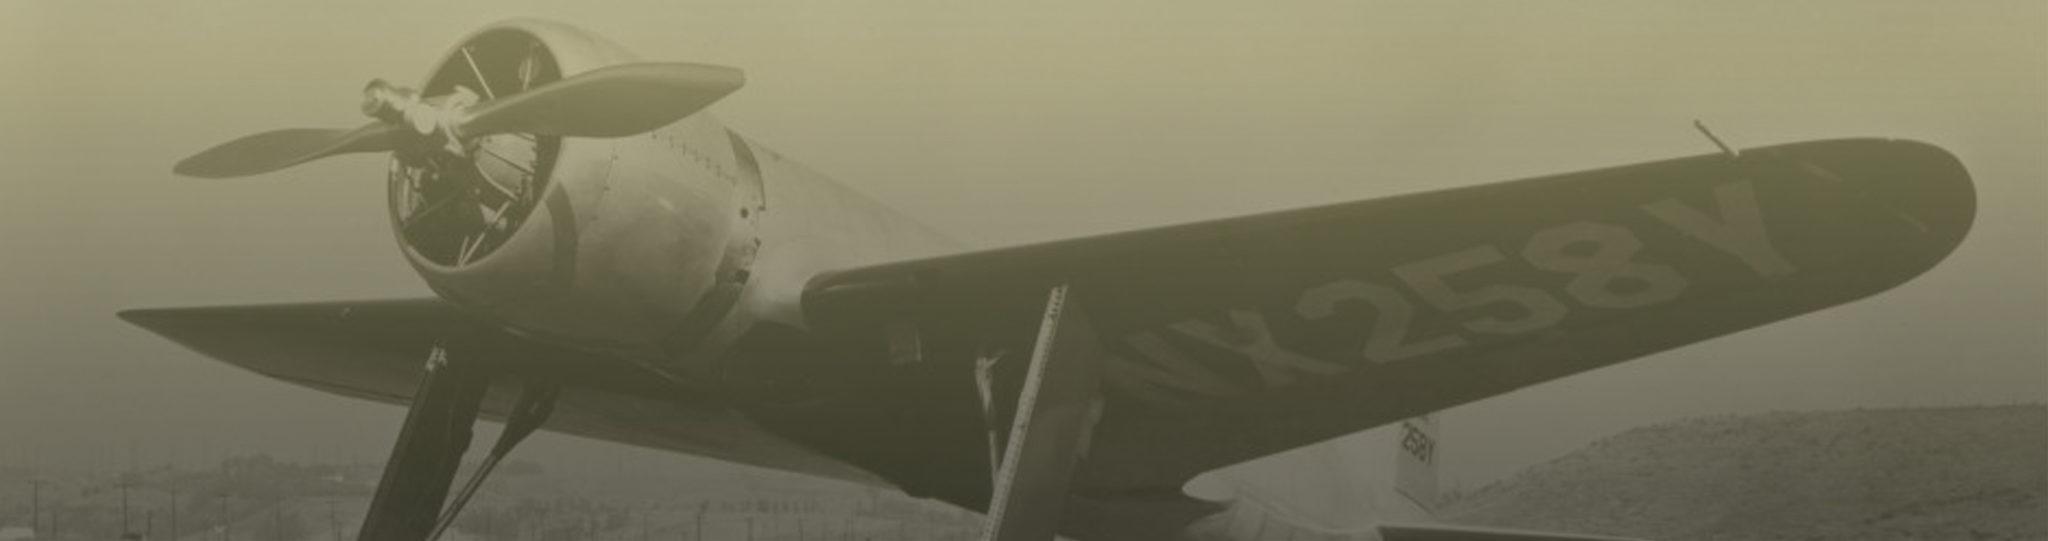 Hughes Aircraft Company